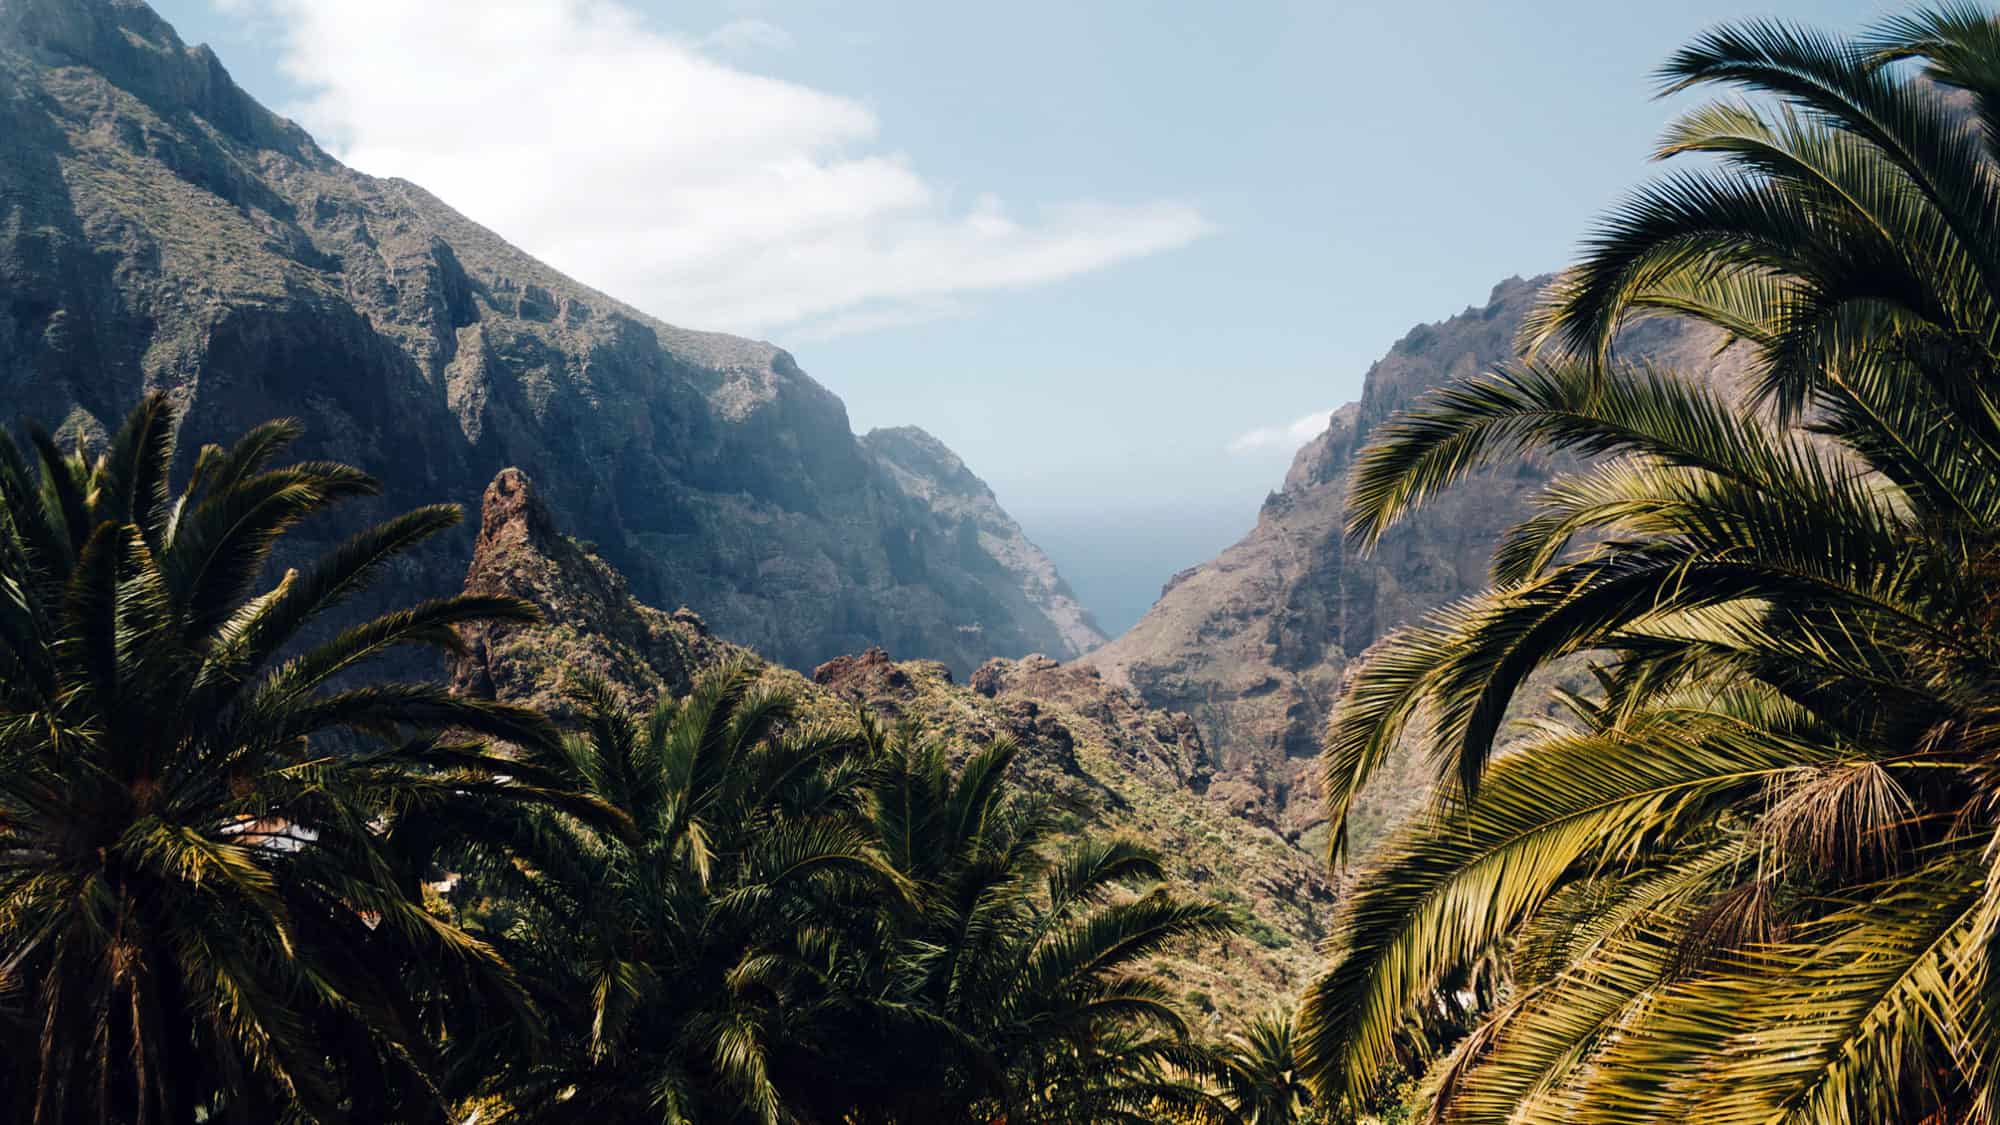 Blick auf Dorf Masca auf der Insel Teneriffa